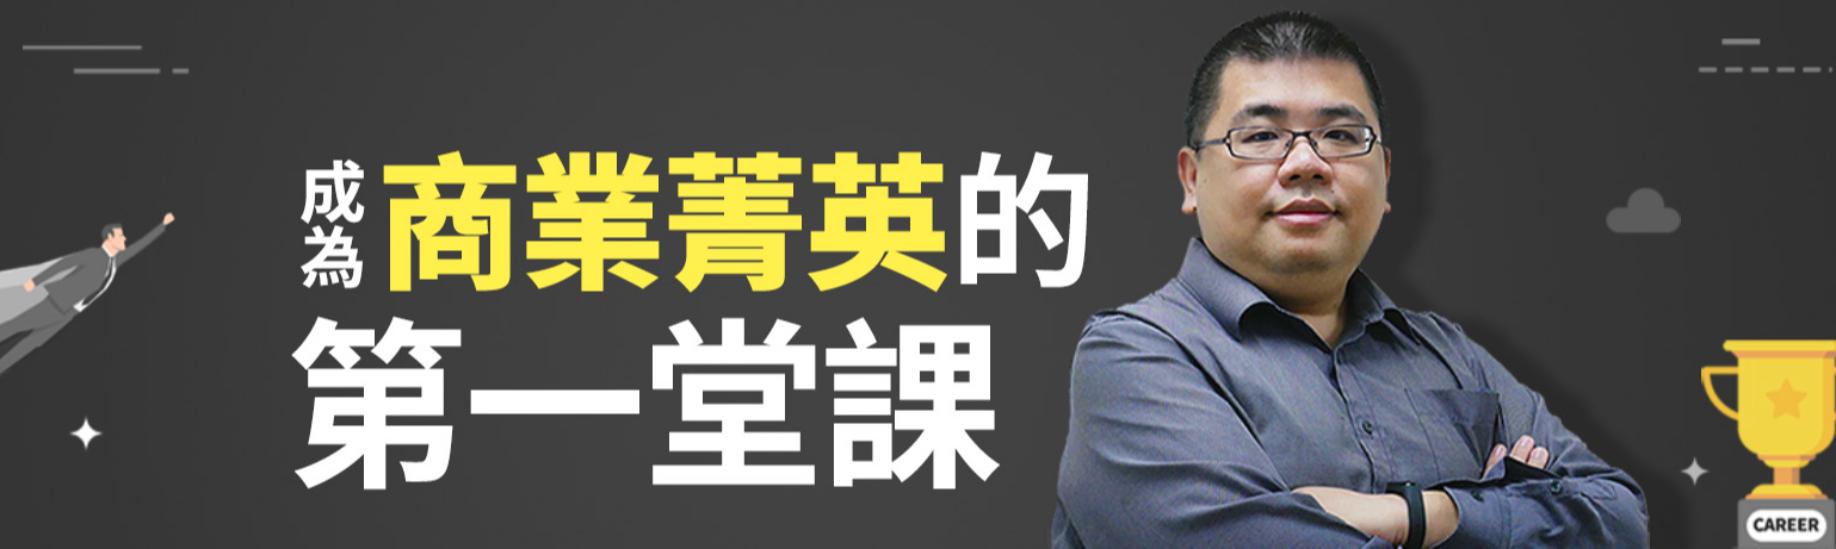 【M觀點商學院】成為商業菁英的第一堂課